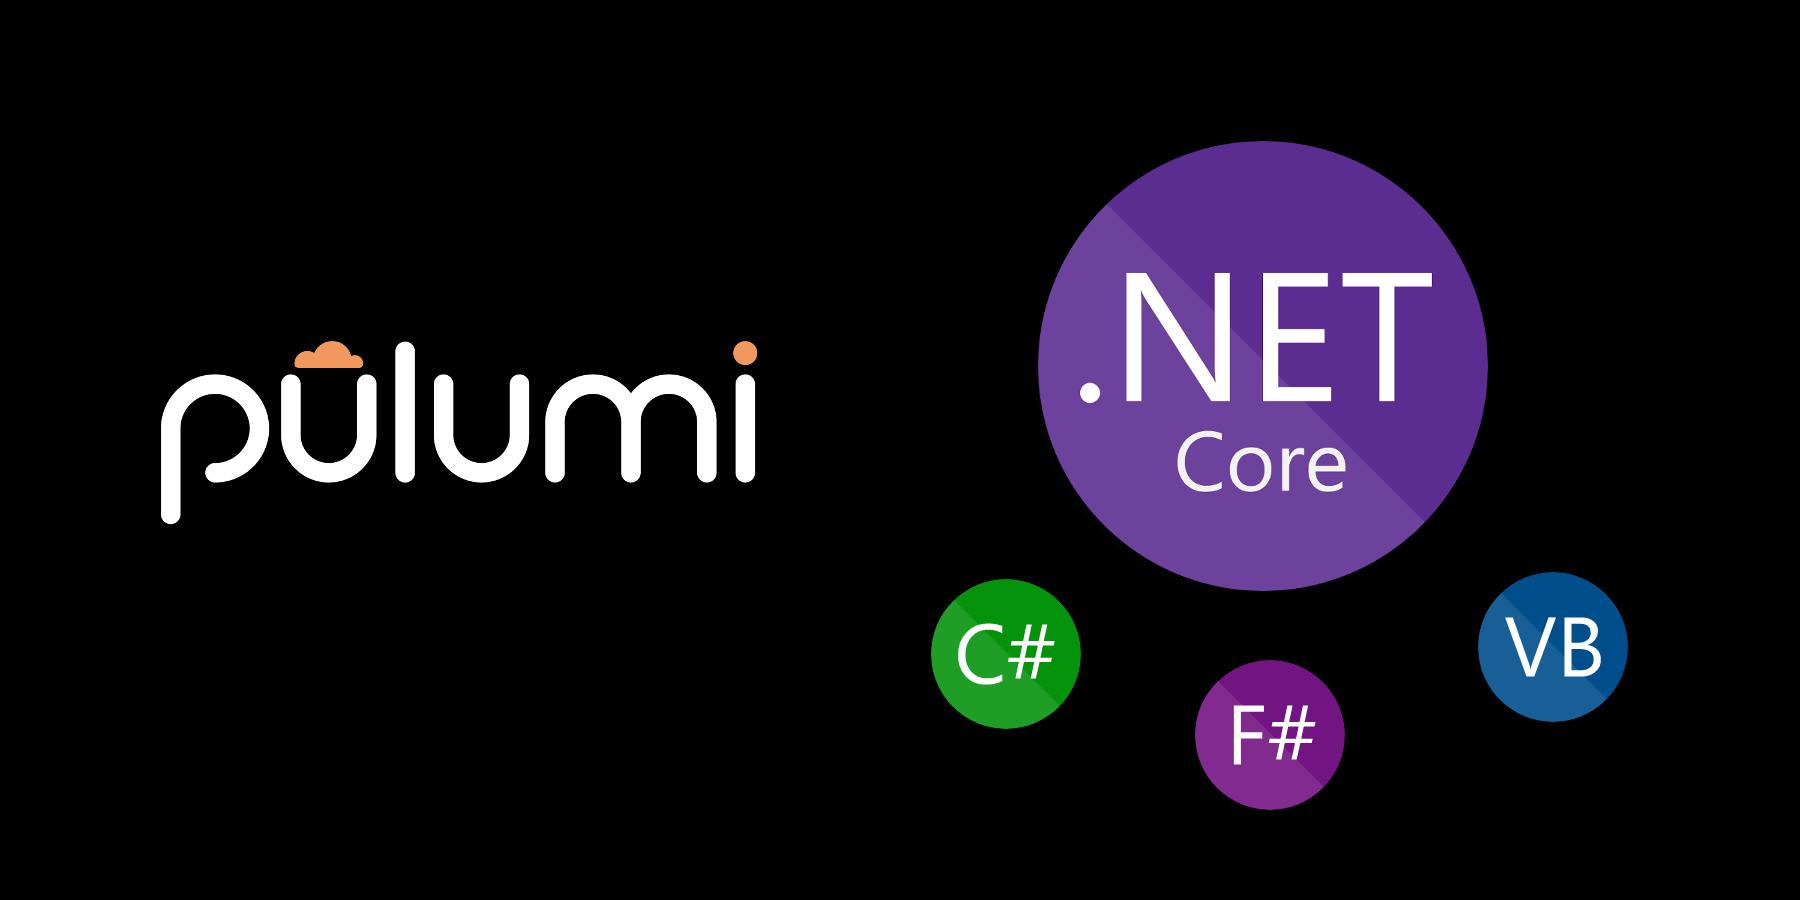 [Перевод] Создание современных облачных приложений с использованием Pulumi и .NET Core